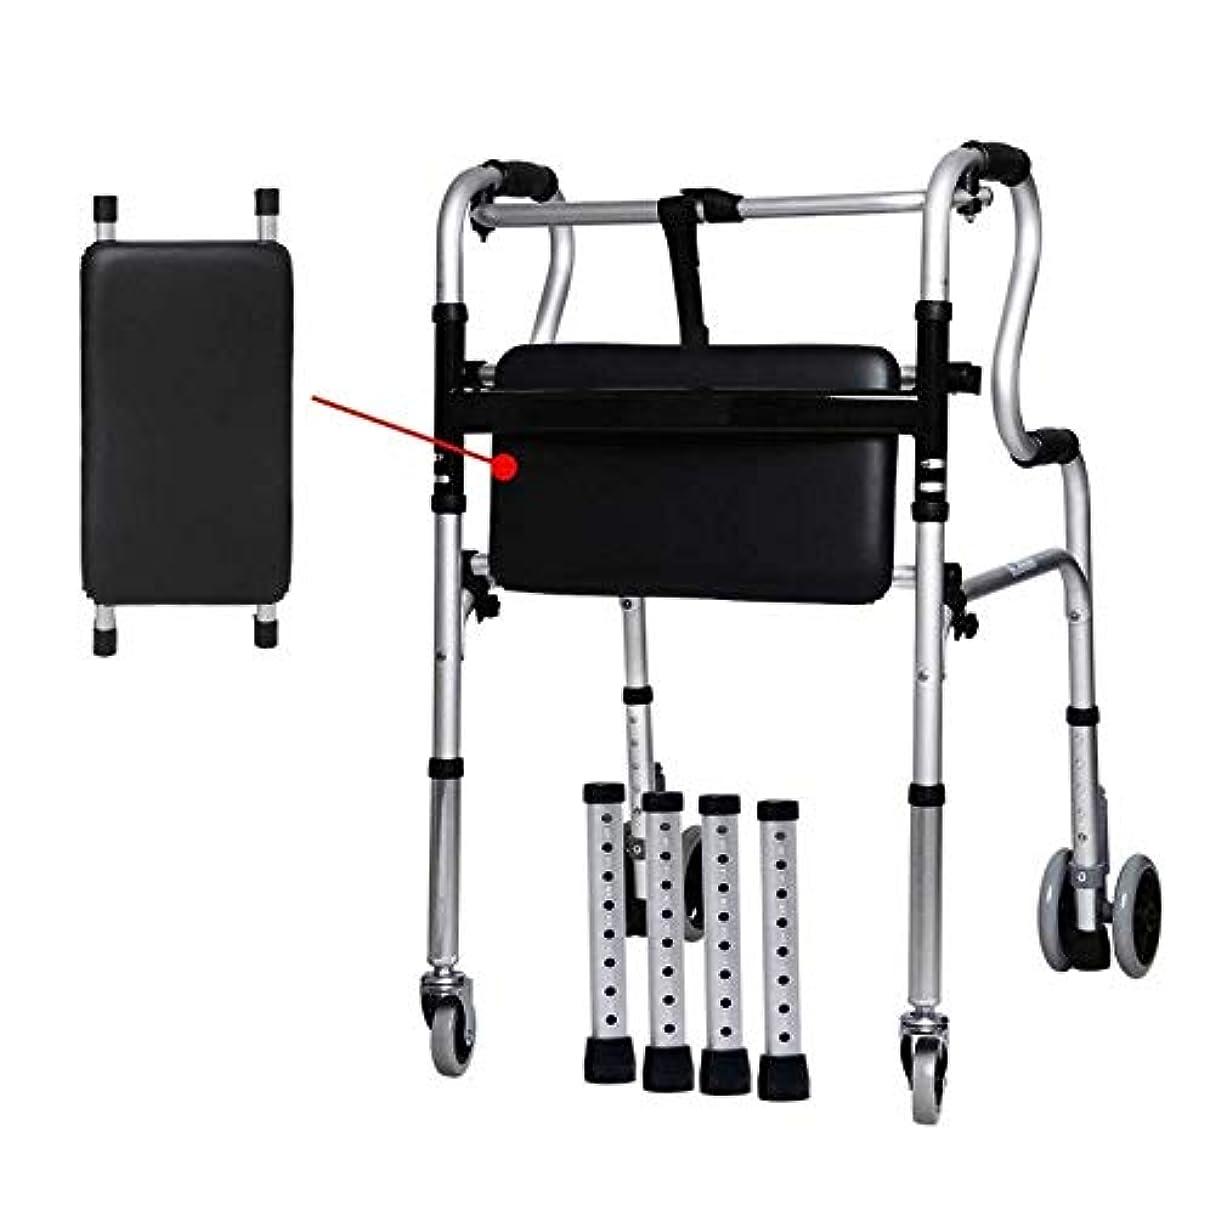 割れ目ローブ慢な車輪が付いている折る歩行者、不具の高齢者のためのロックできるブレーキが付いている軽いアルミ合金4輪歩行者